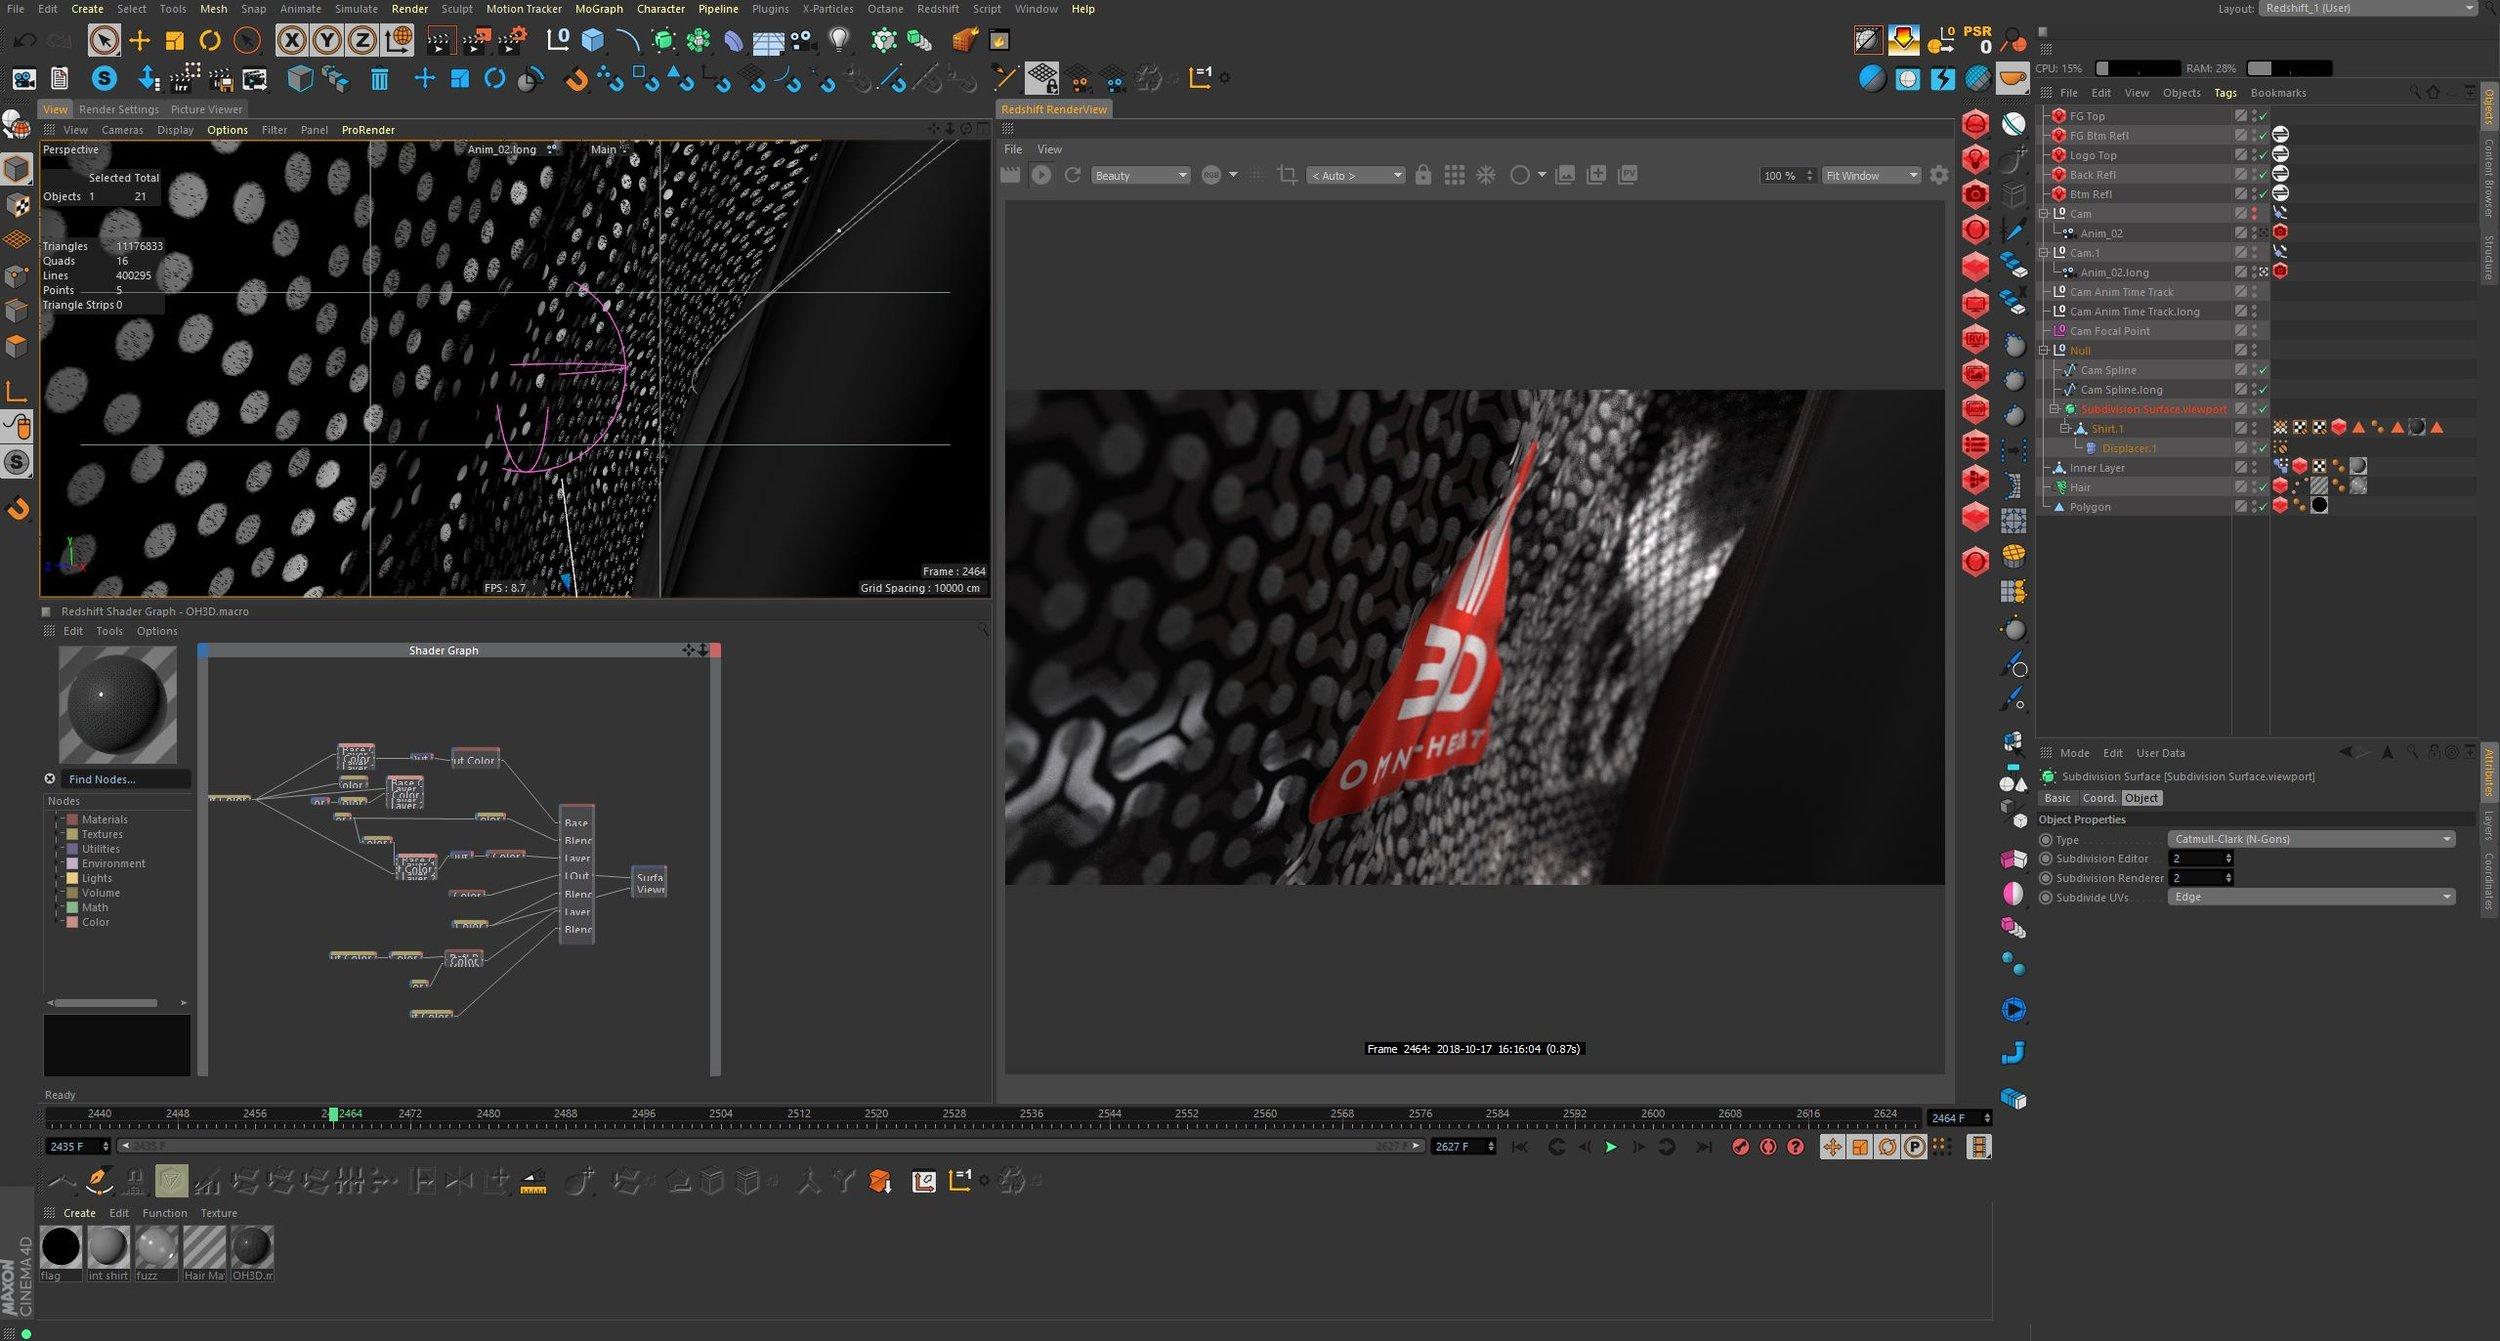 OH3D_Screengrab.JPG